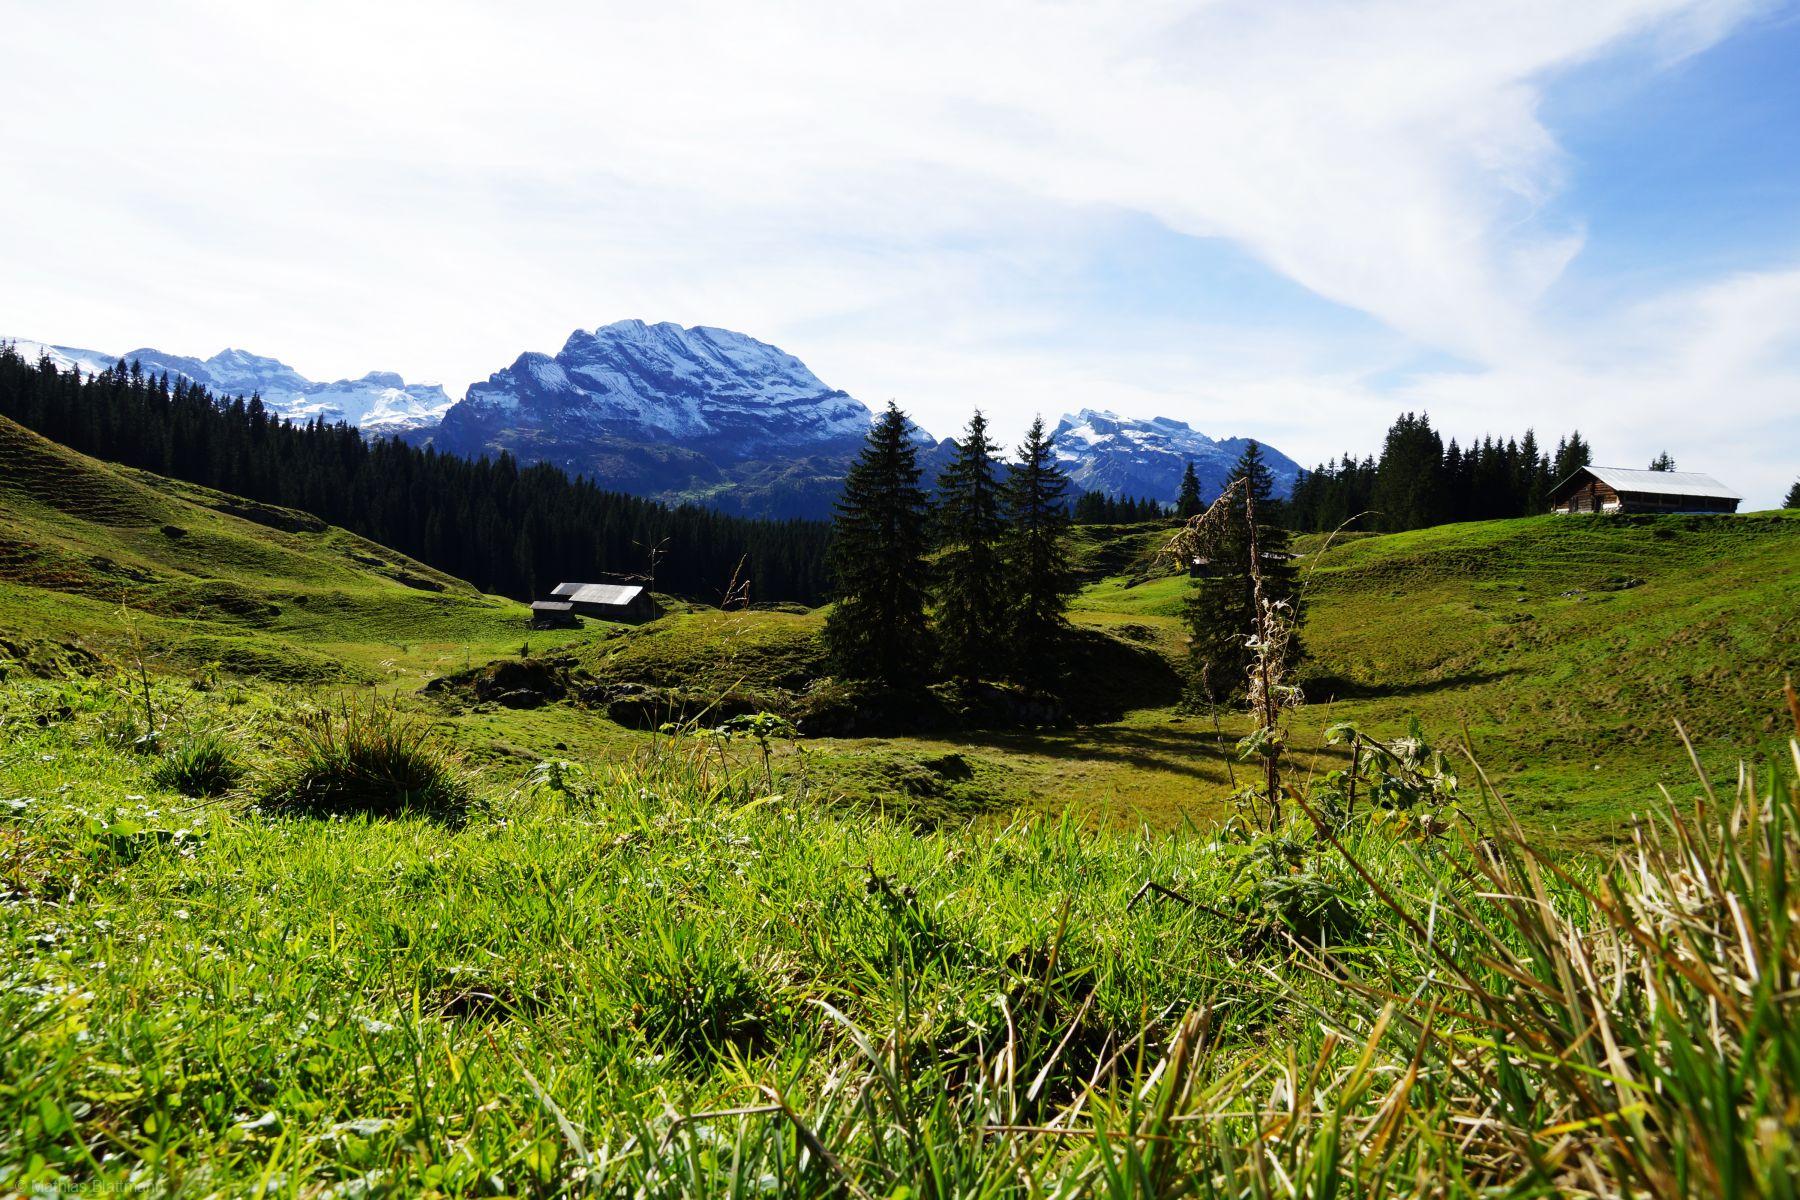 Wiese-Alp-Thal